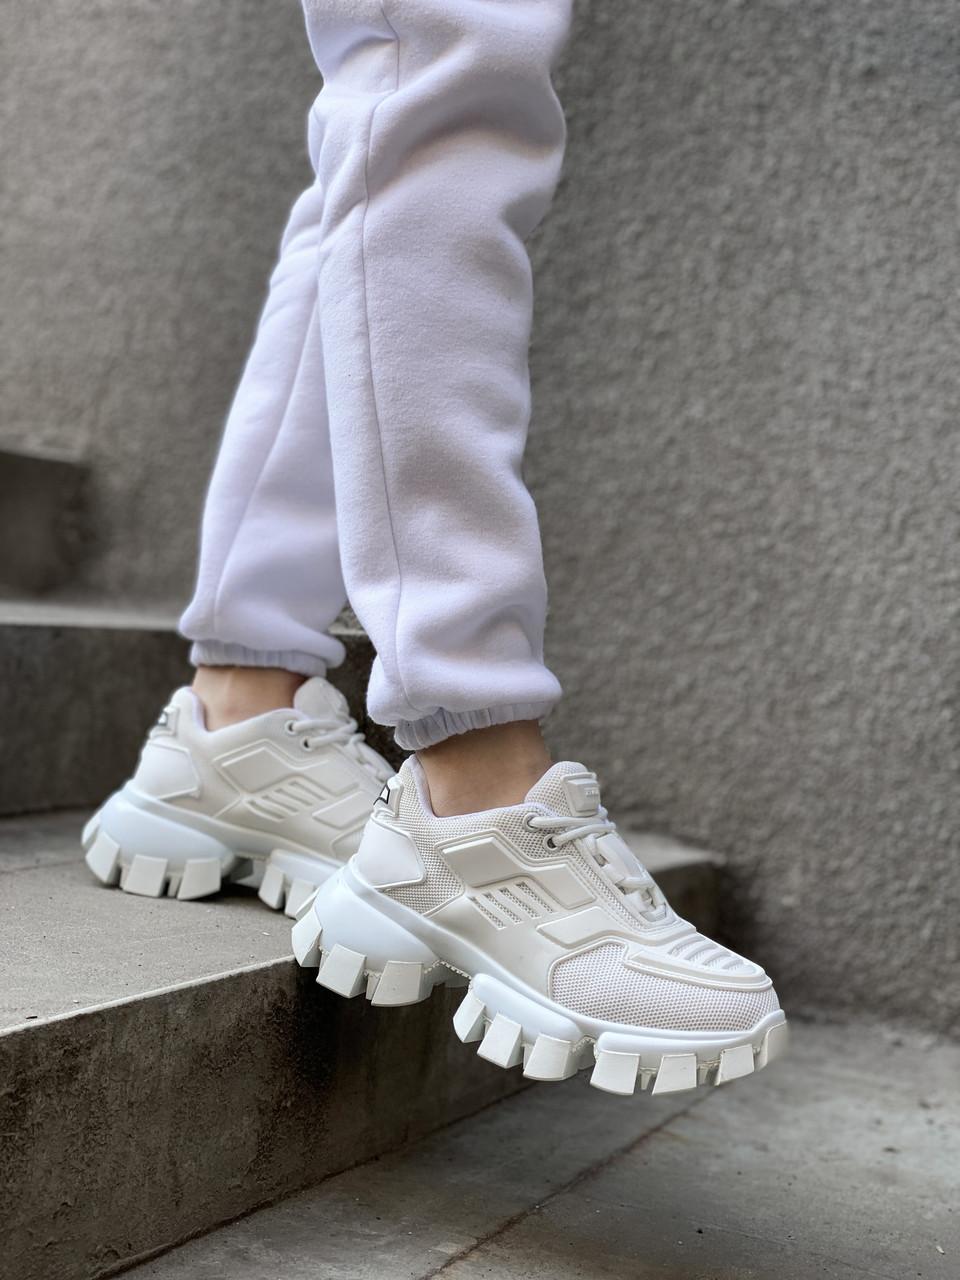 Жіночі кросівки Prada Cloudbust Thunder, Репліка